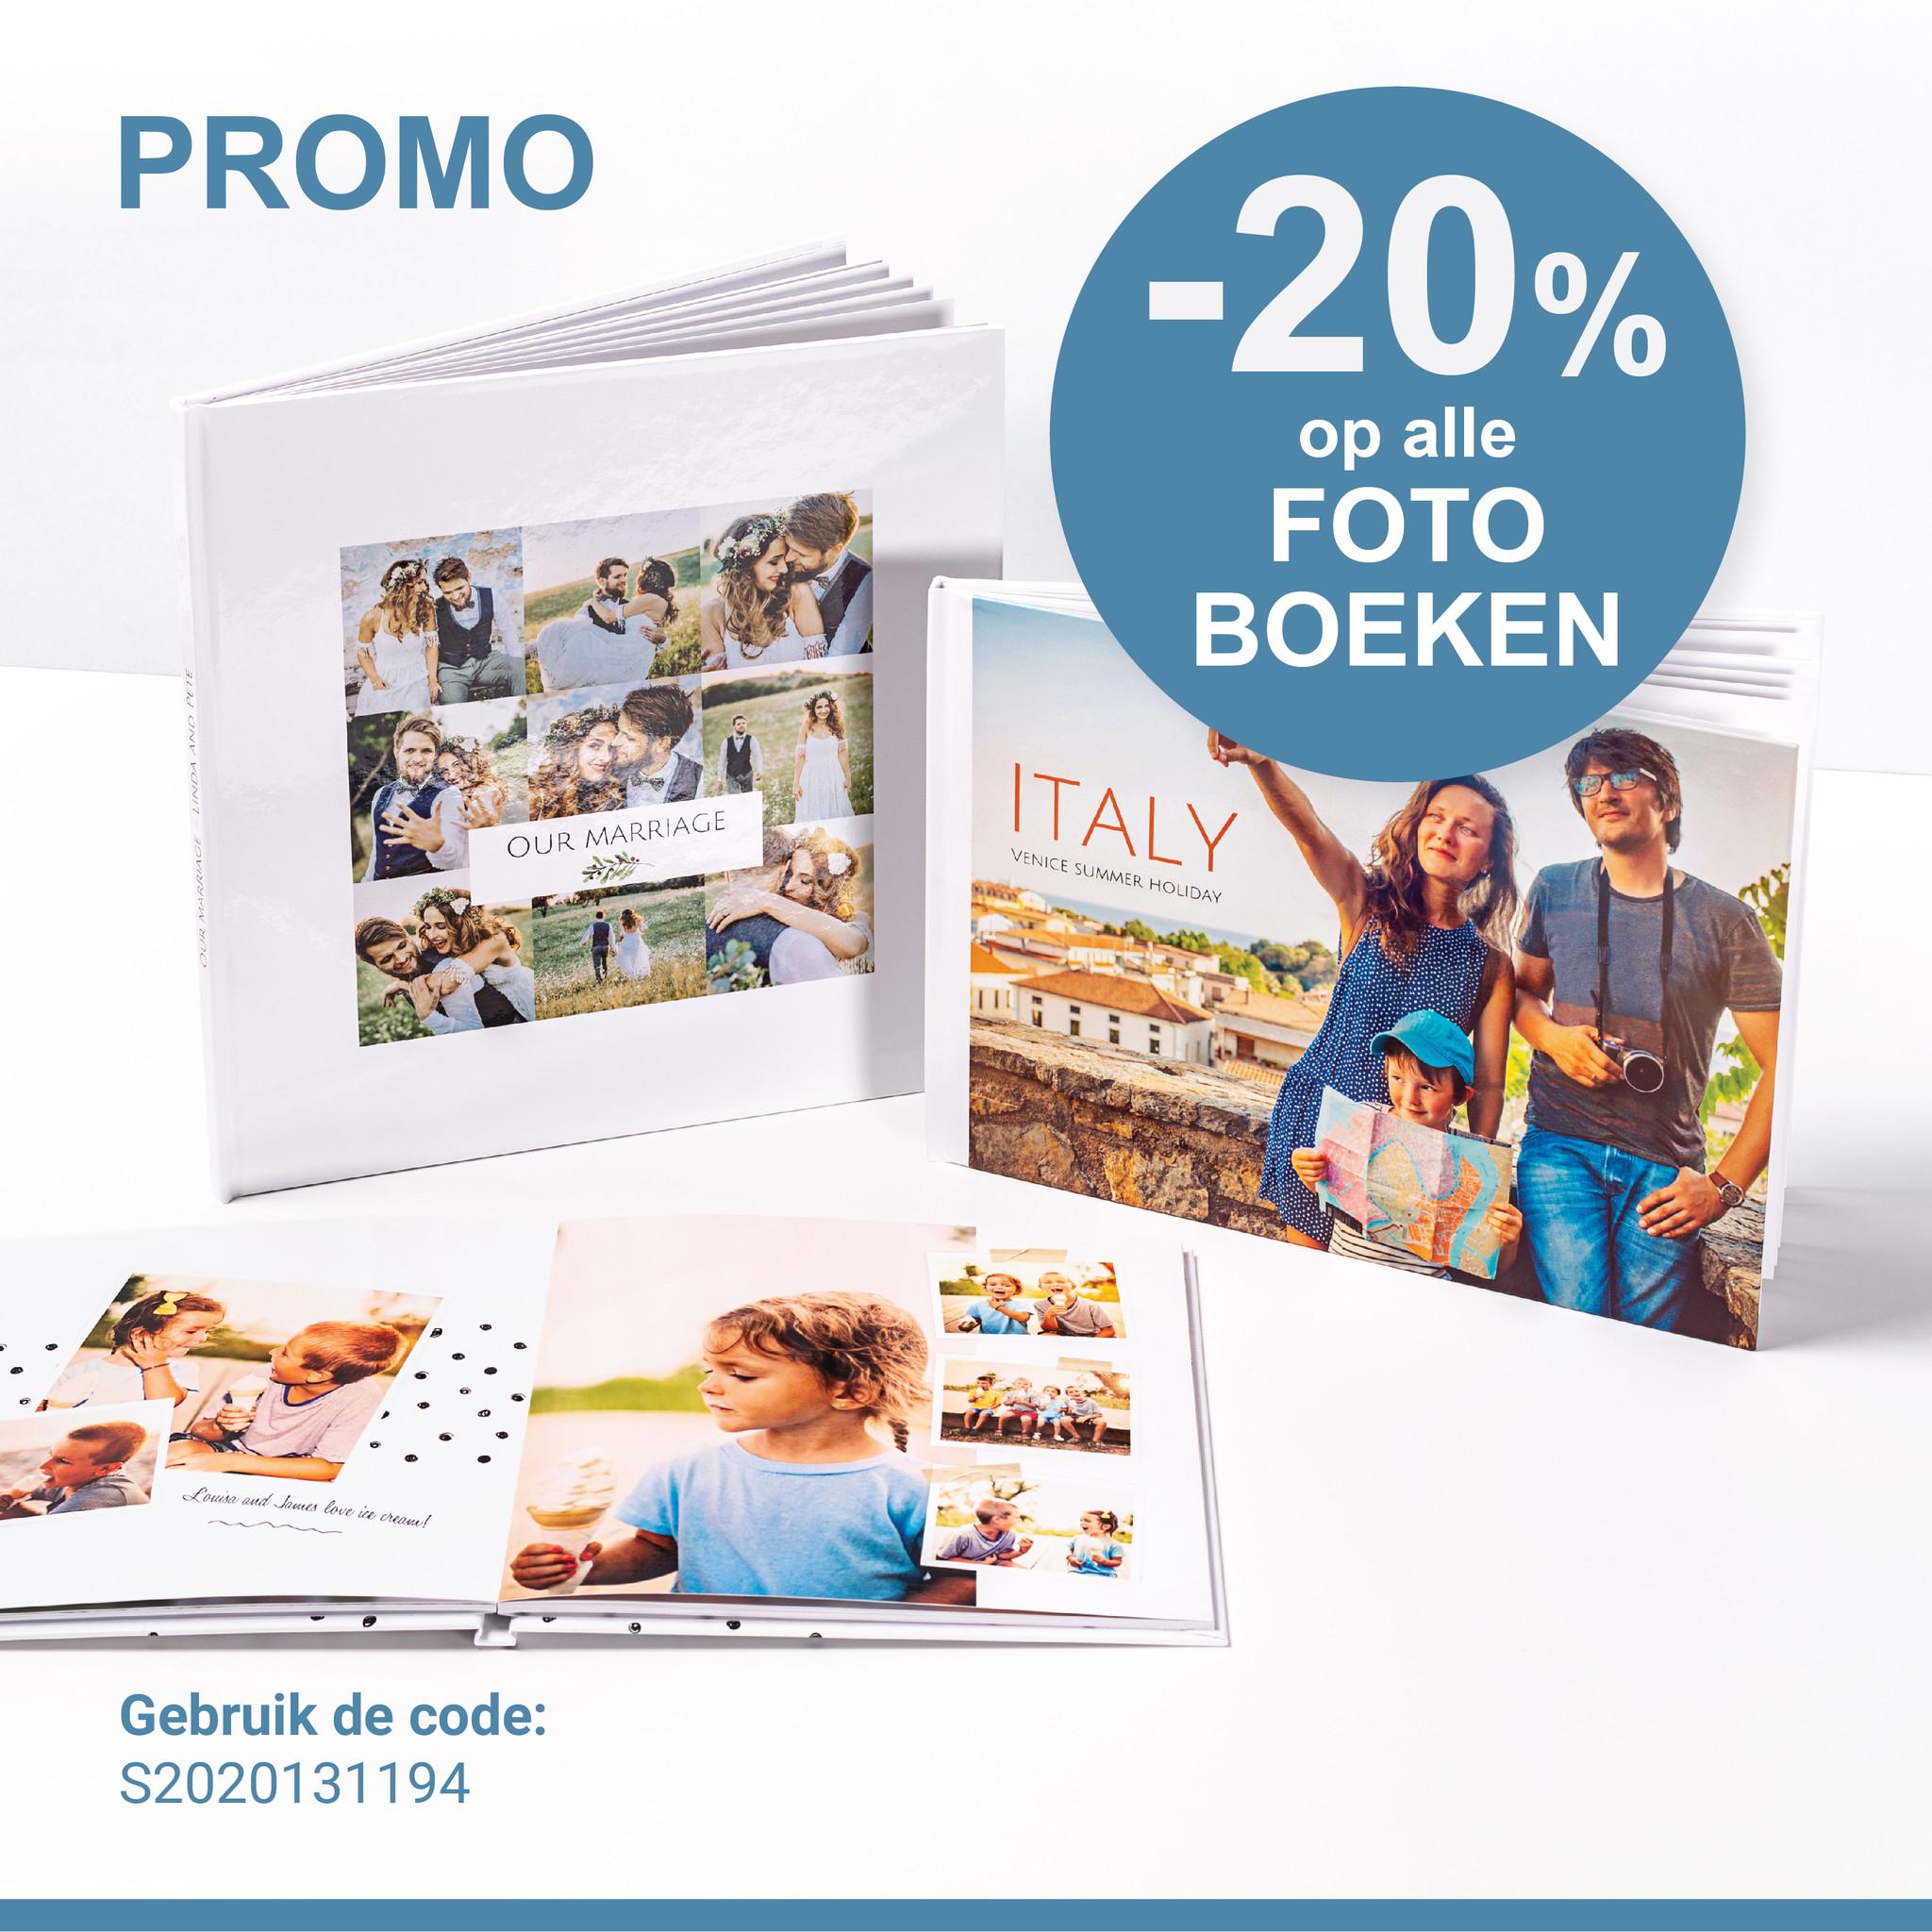 Promo fotoboeken